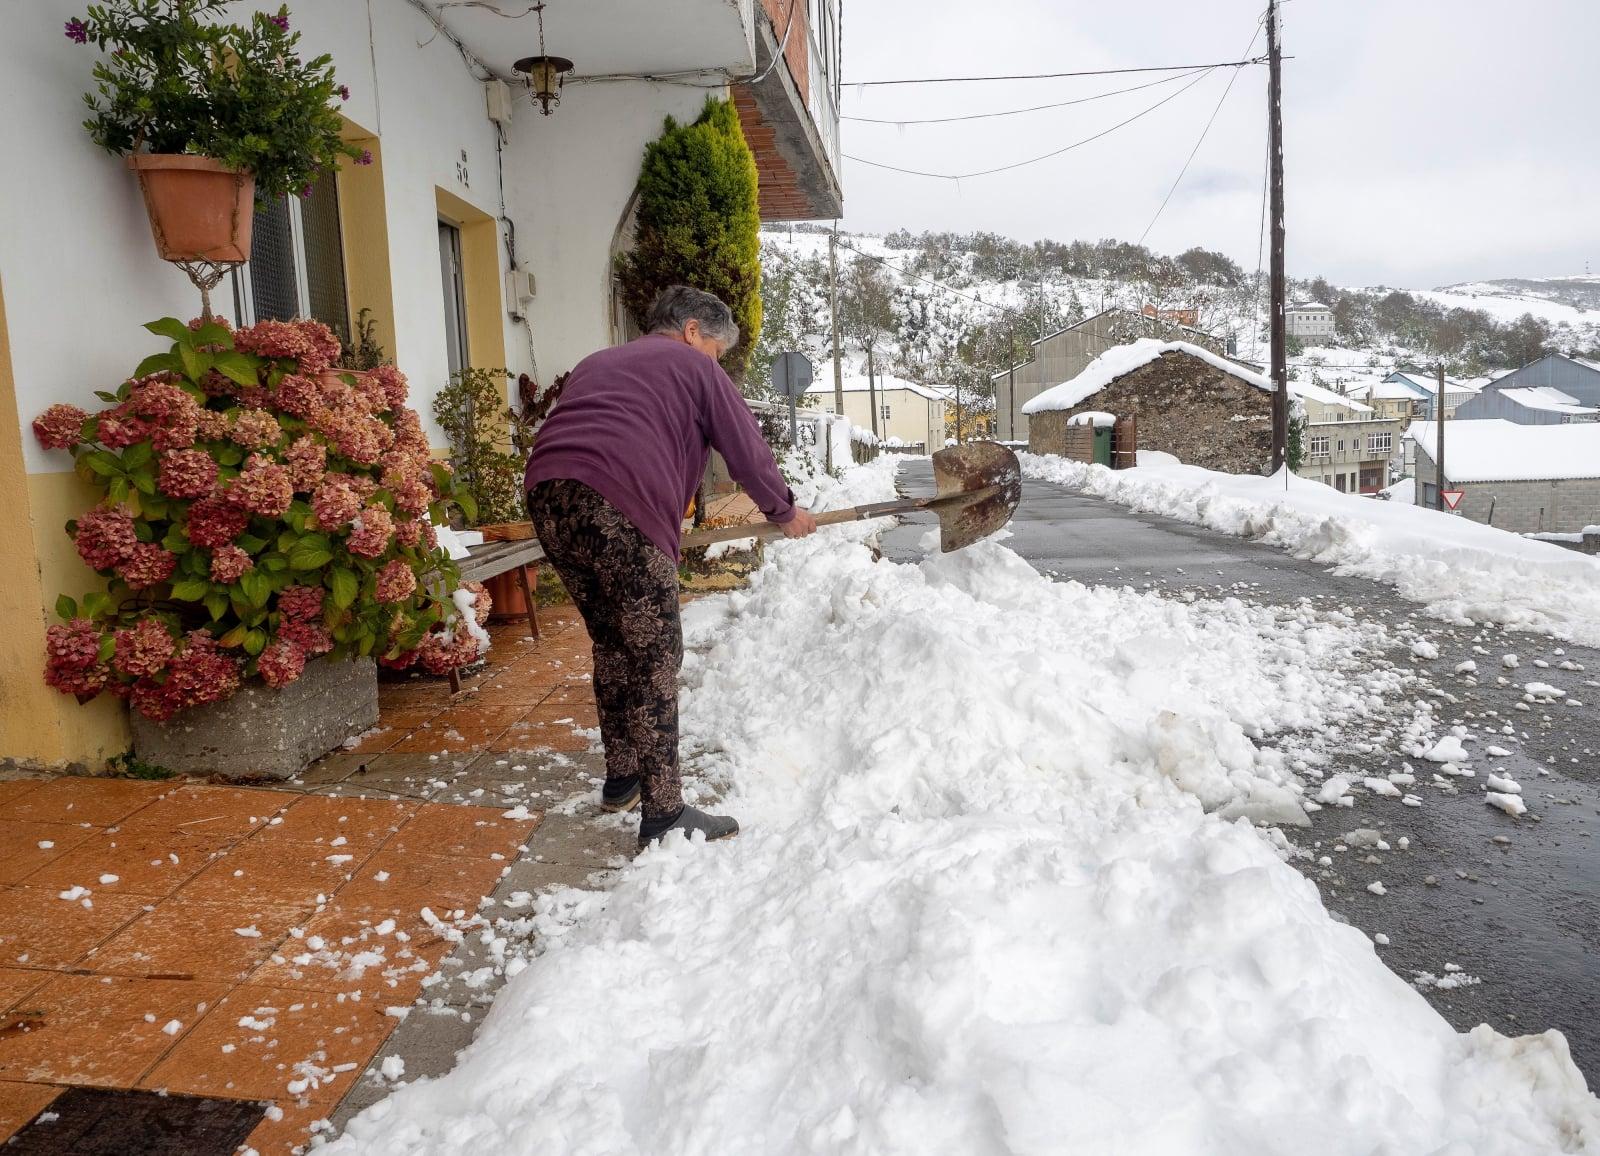 Pogoda w Hiszpanii. Fot. PAP/EPA/ELISEO TRIGO